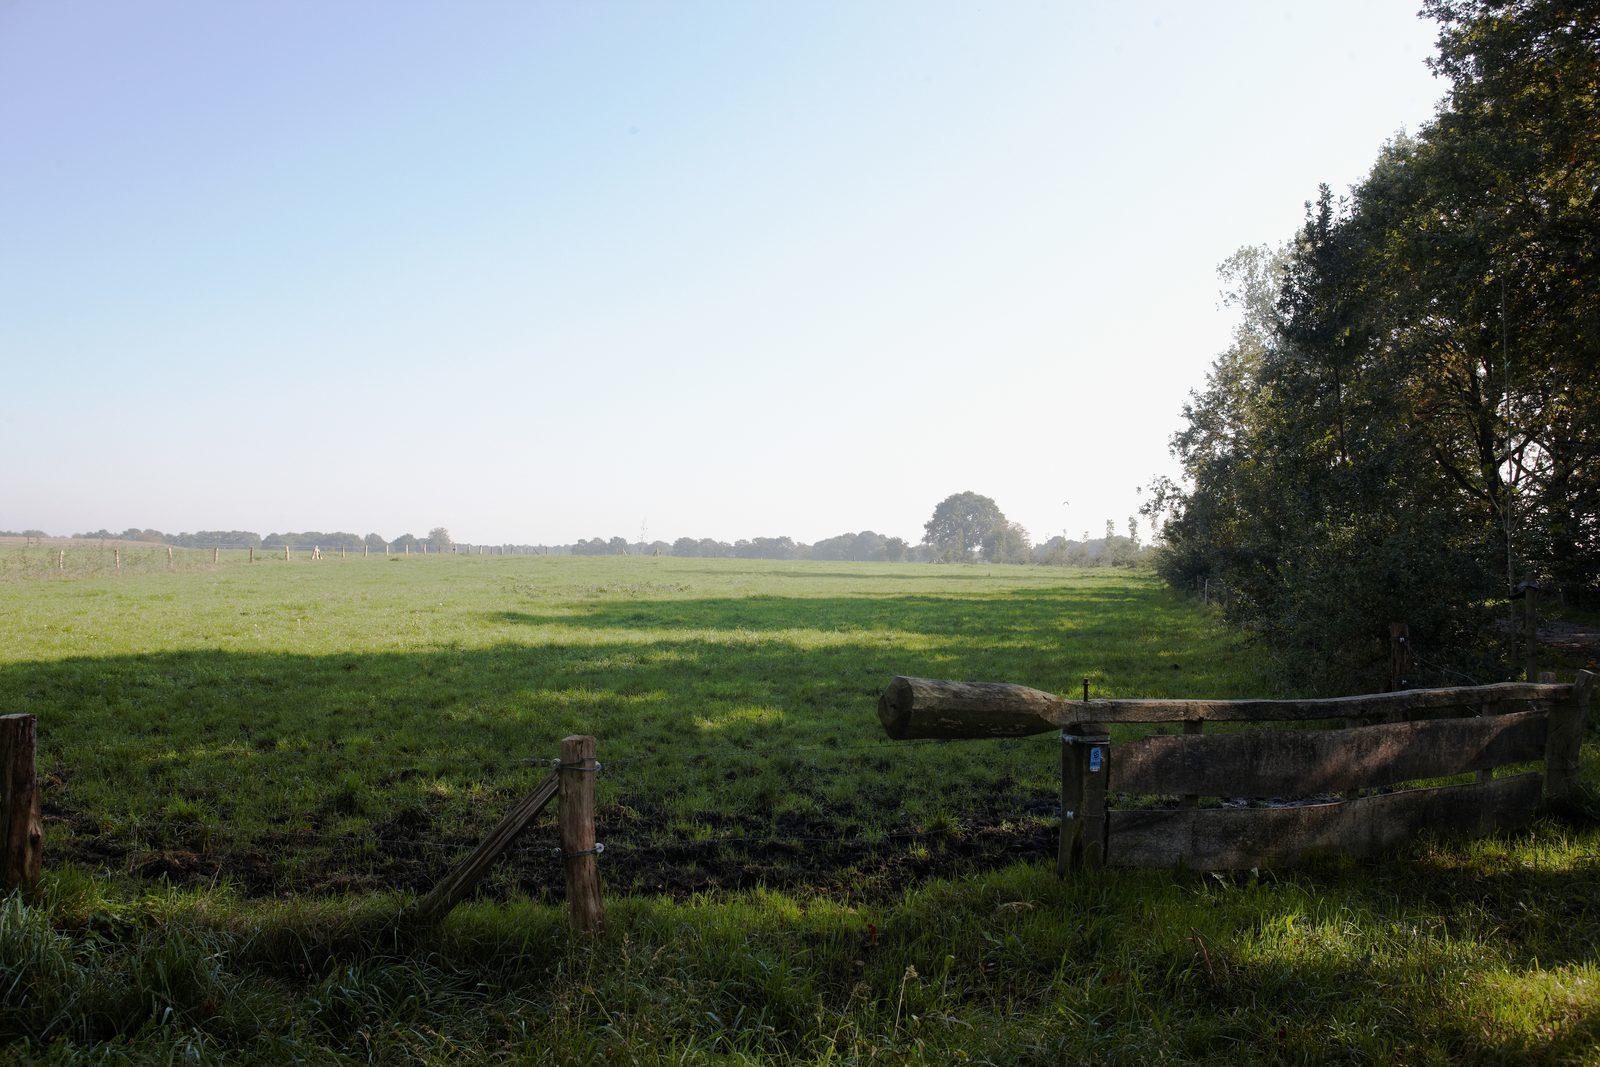 Genieten van de natuur tijdens de vakantie in Overijssel